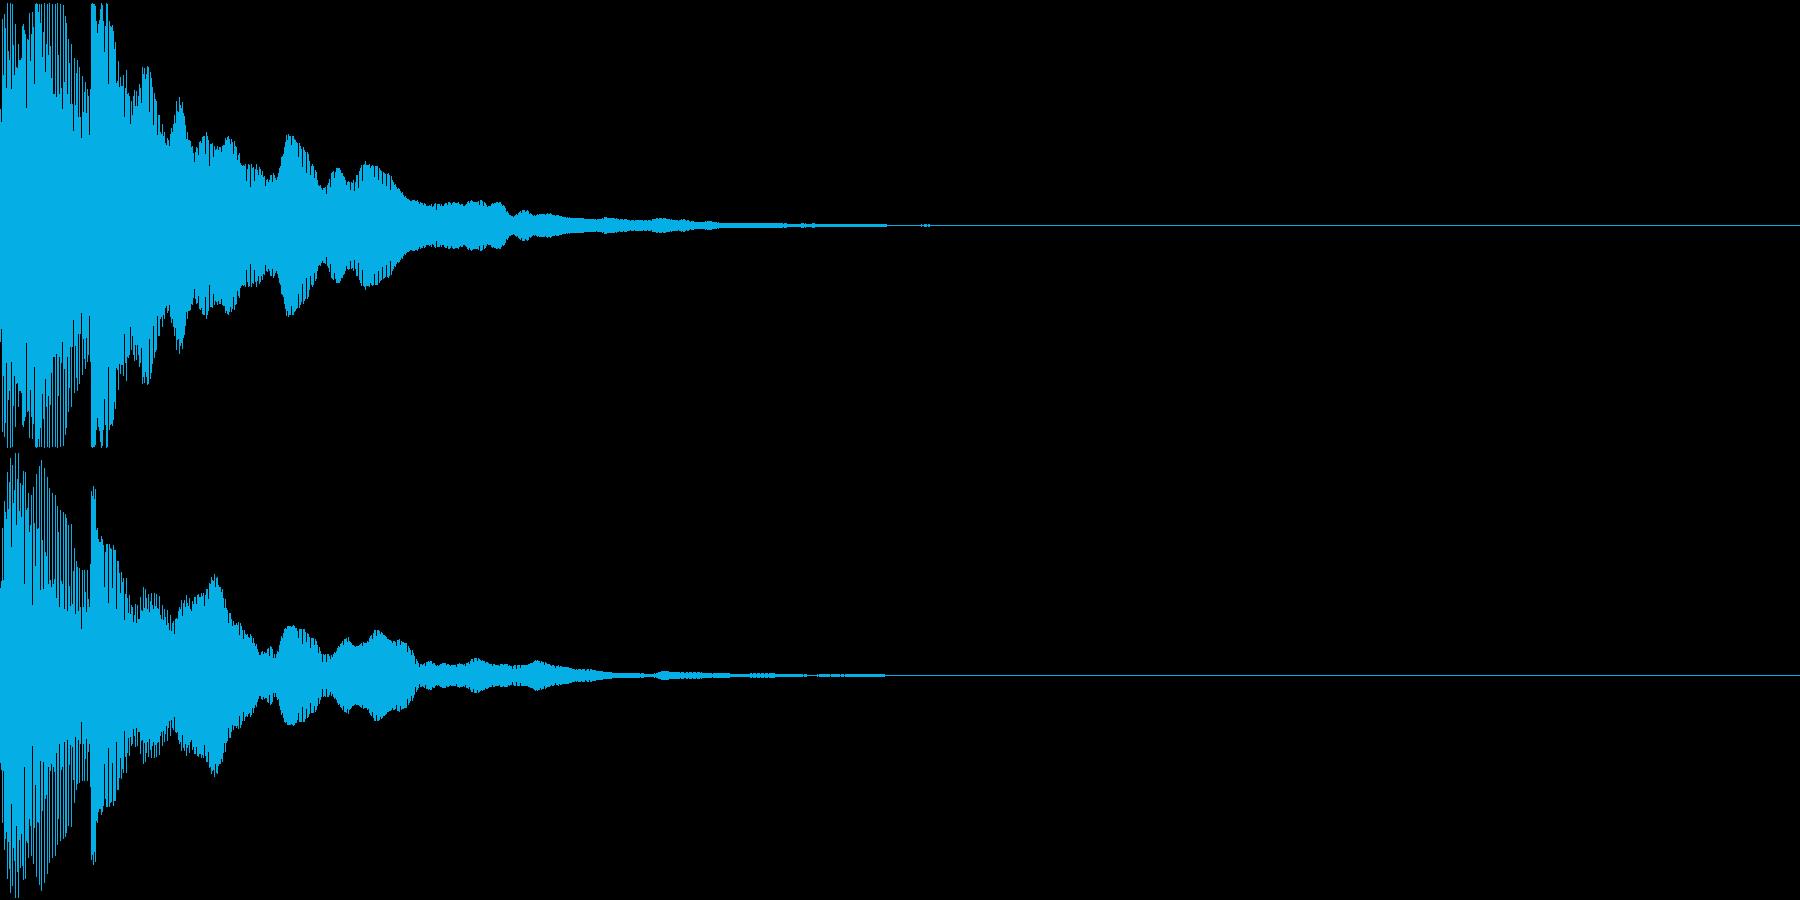 決定音12(ポカーン)の再生済みの波形